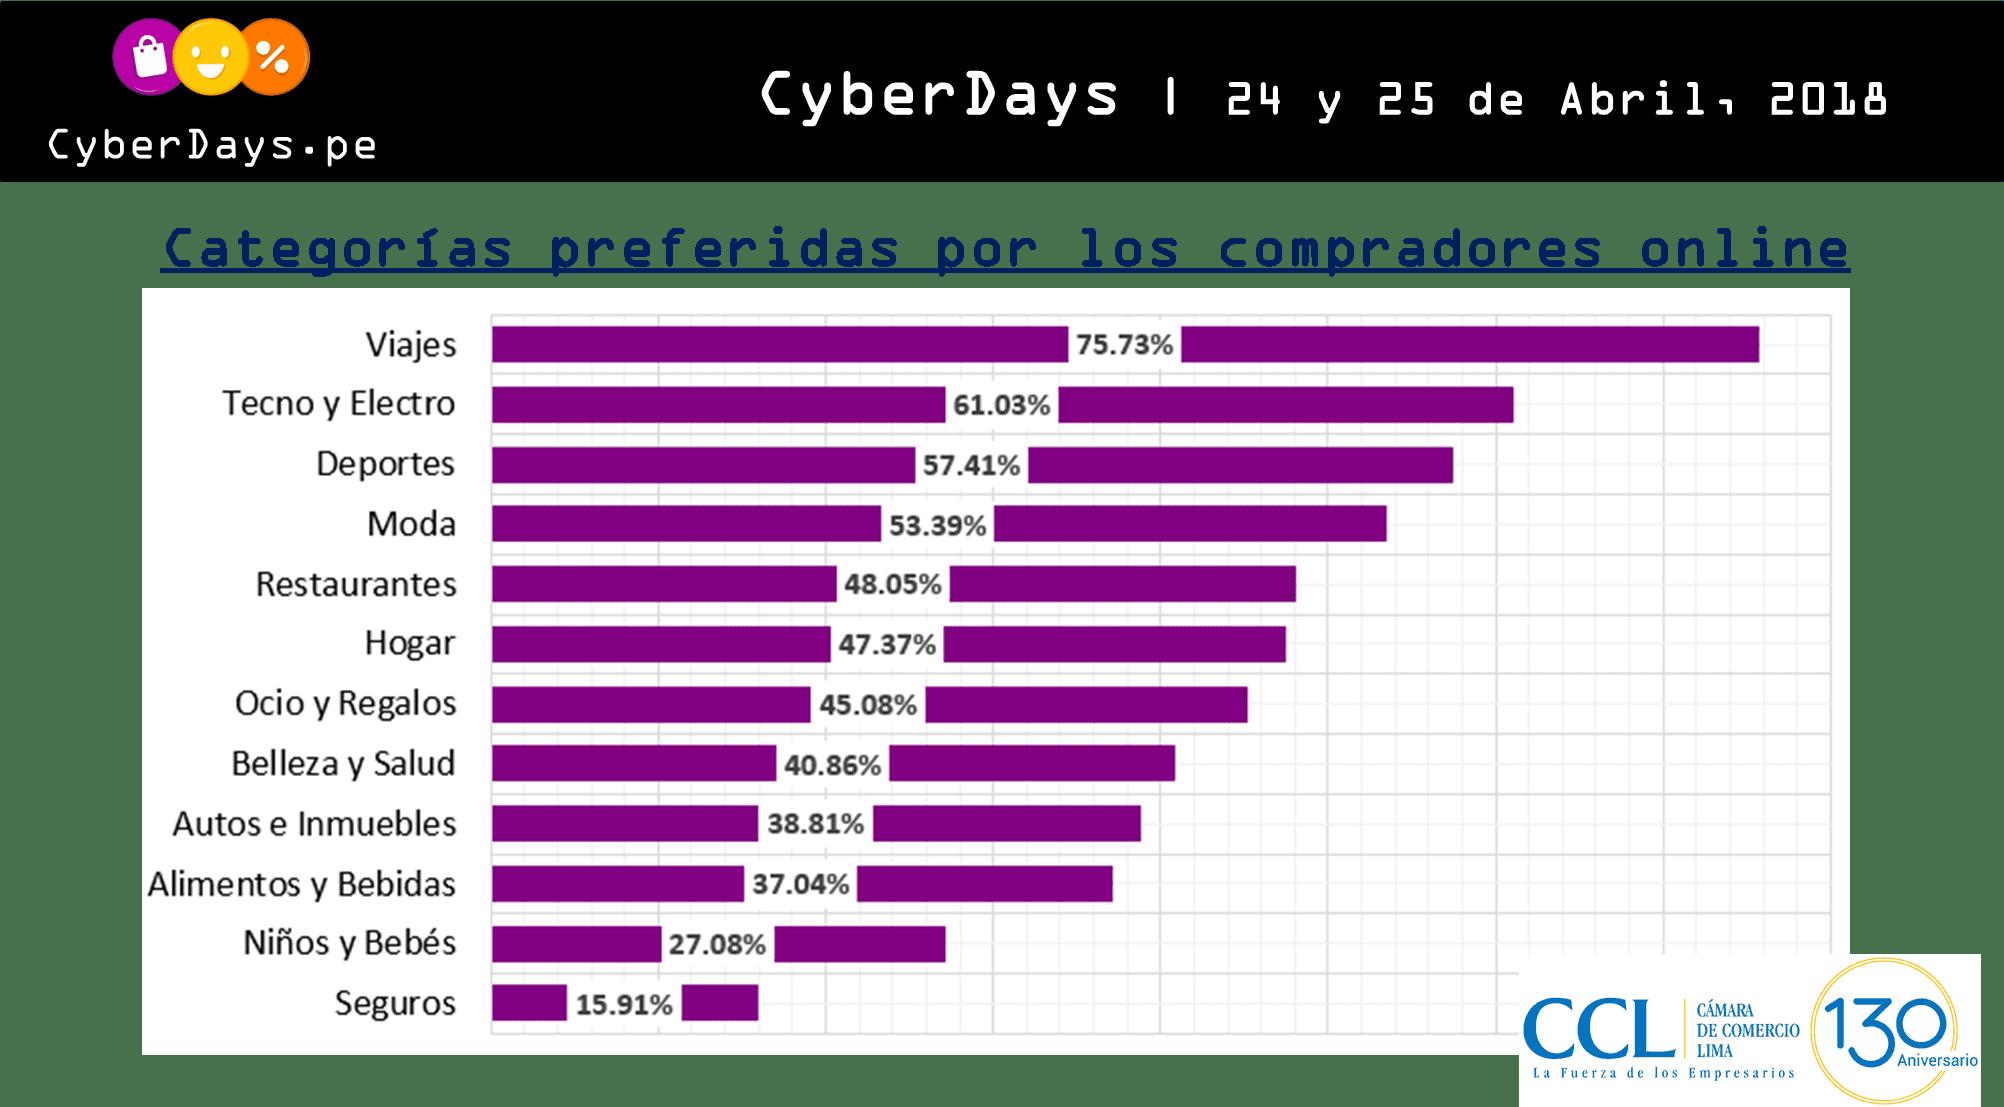 Cyber Days 2018 - ¿Qué marcas participarán en el Cyber Days 2018?